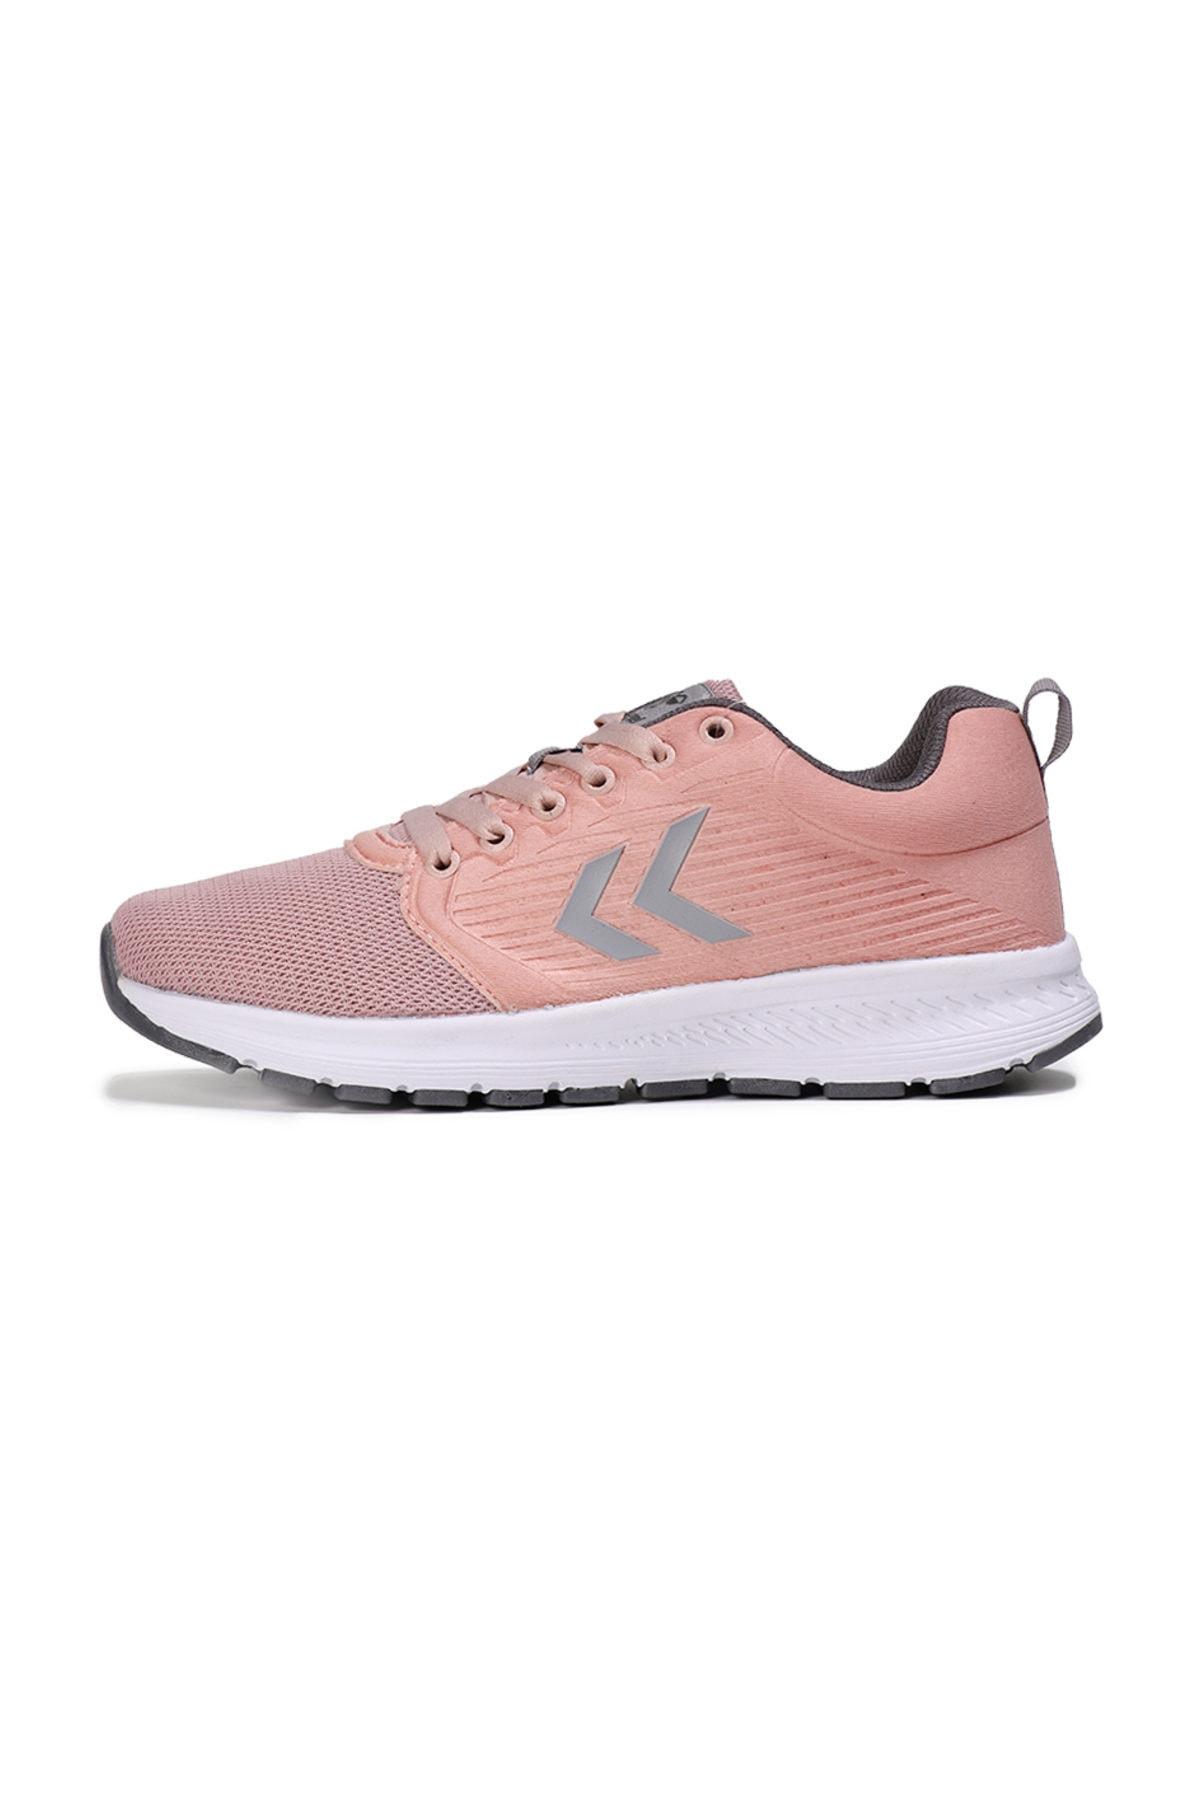 HUMMEL ATHLETIC-3 Pembe Kadın Sneaker Ayakkabı 100549507 1